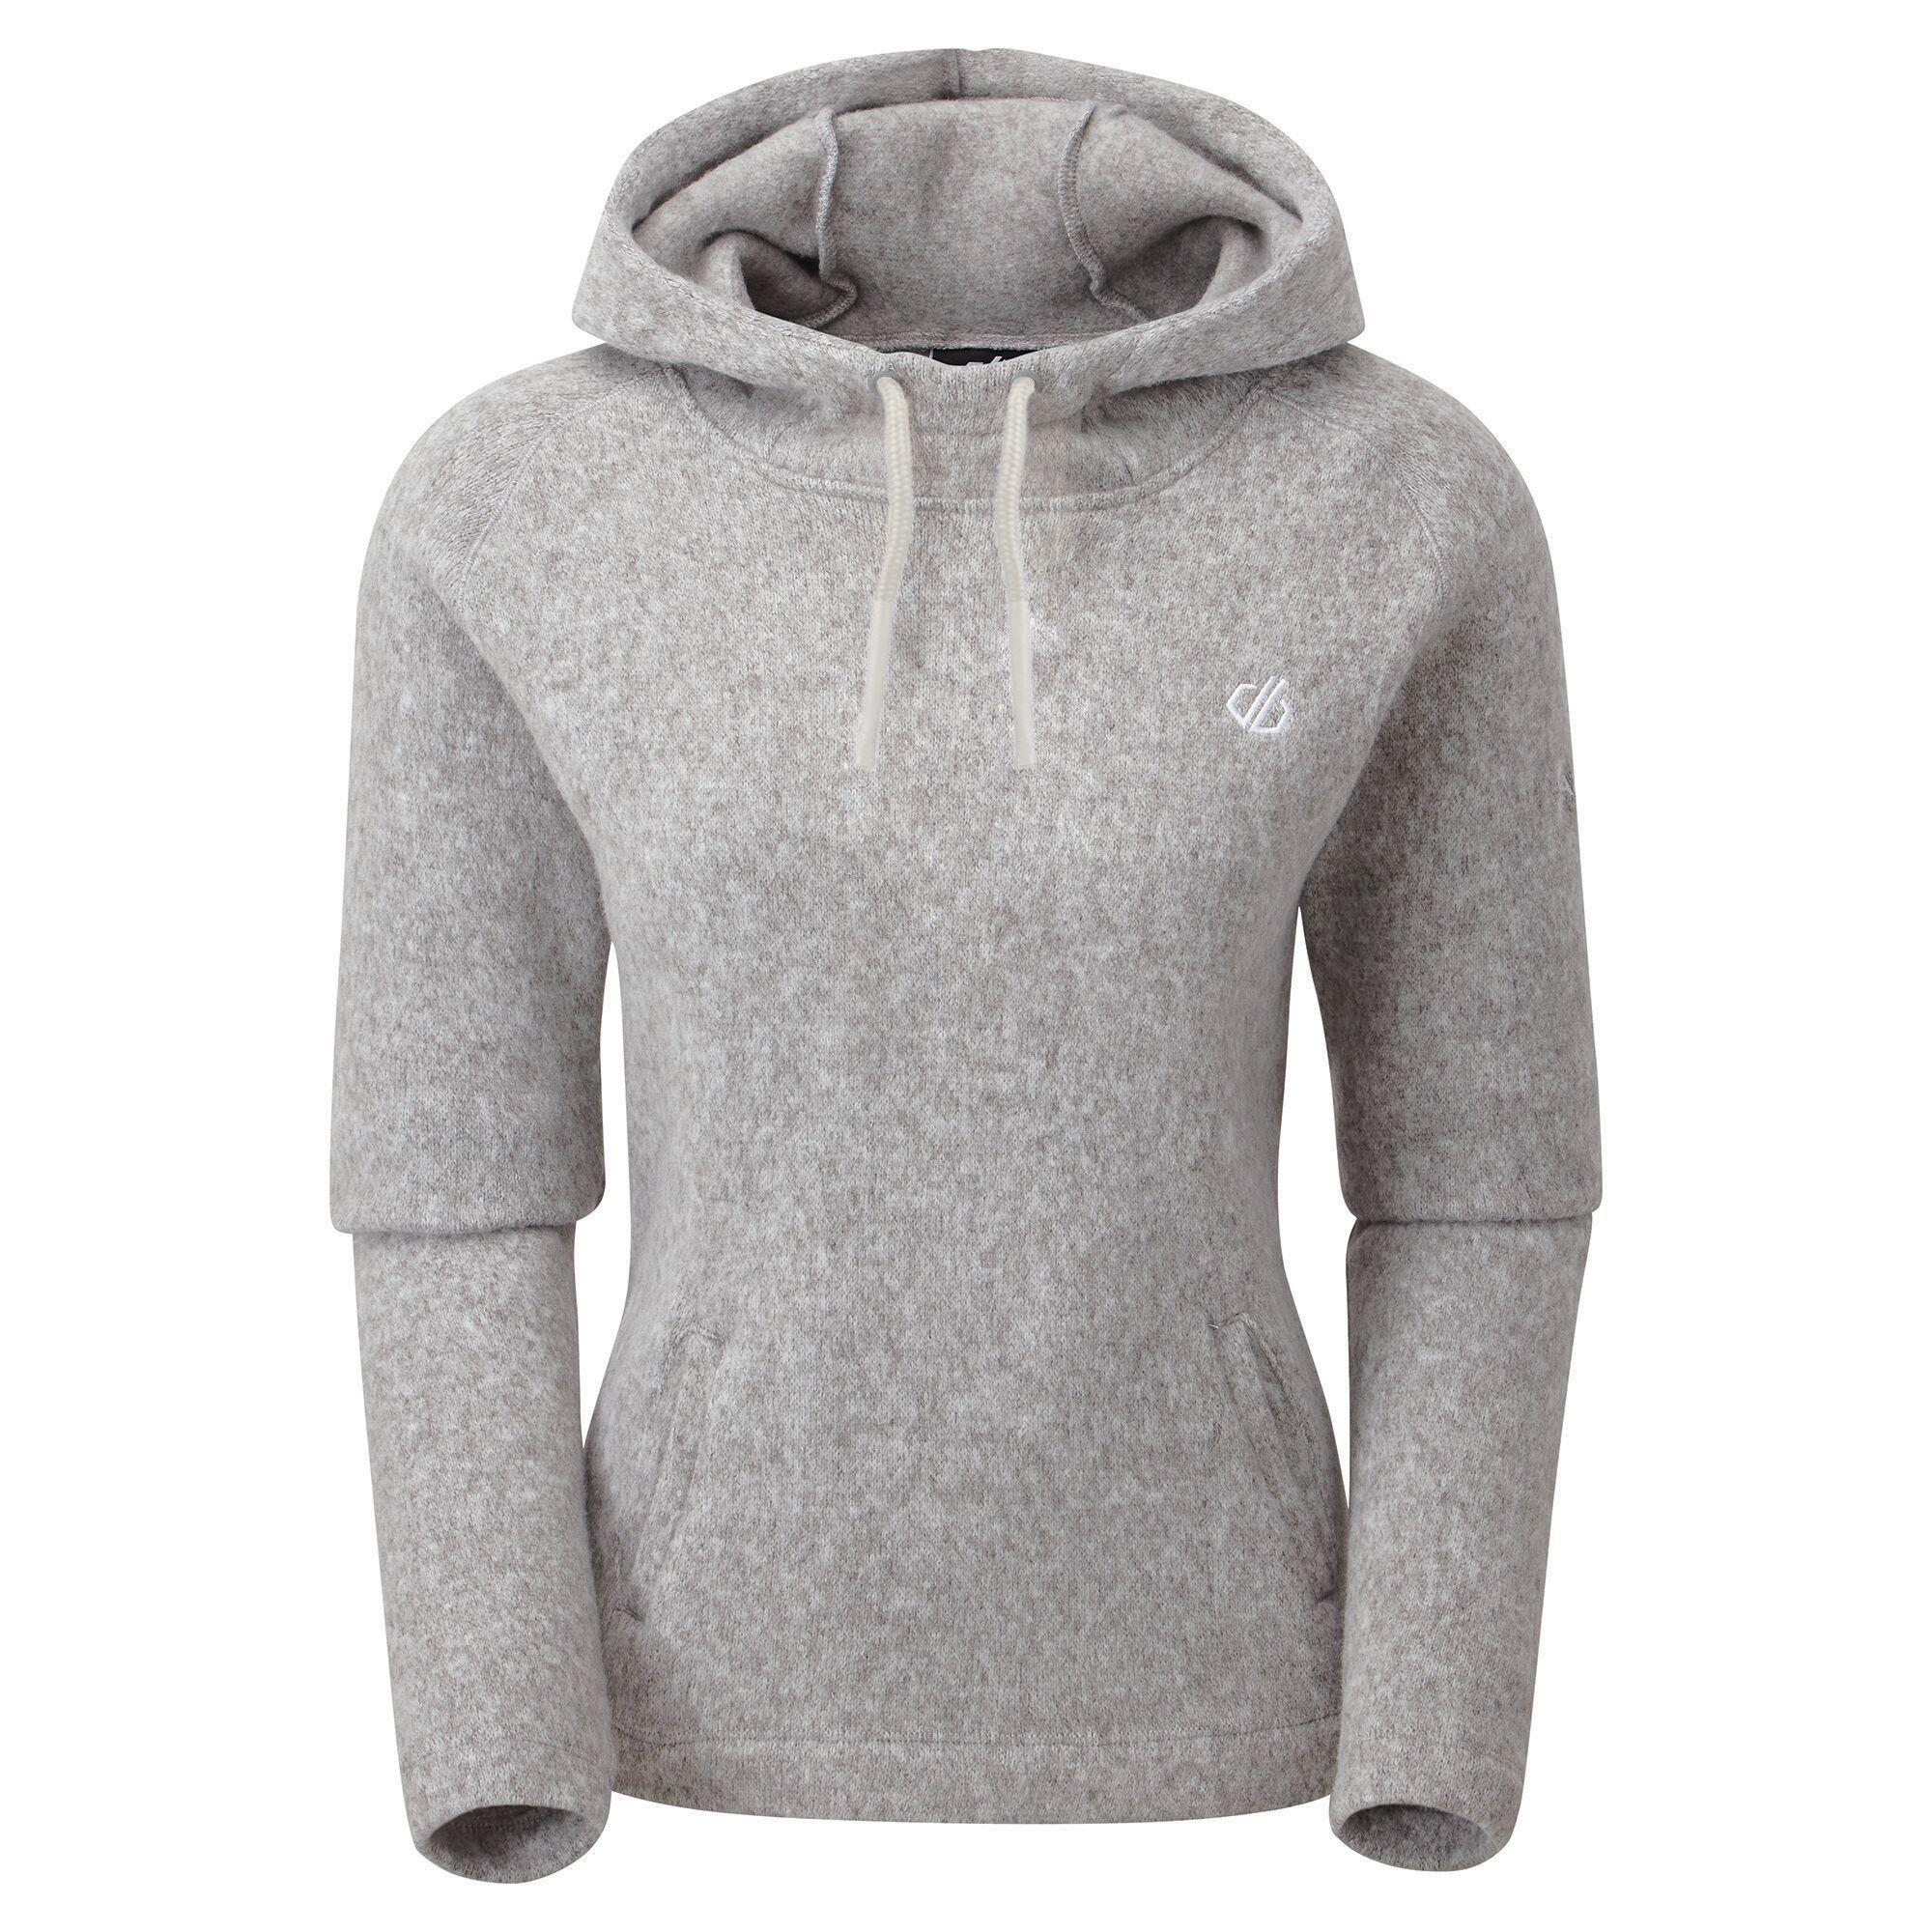 Dare 2b - Women's Initiative Hooded Fleece Ash Grey